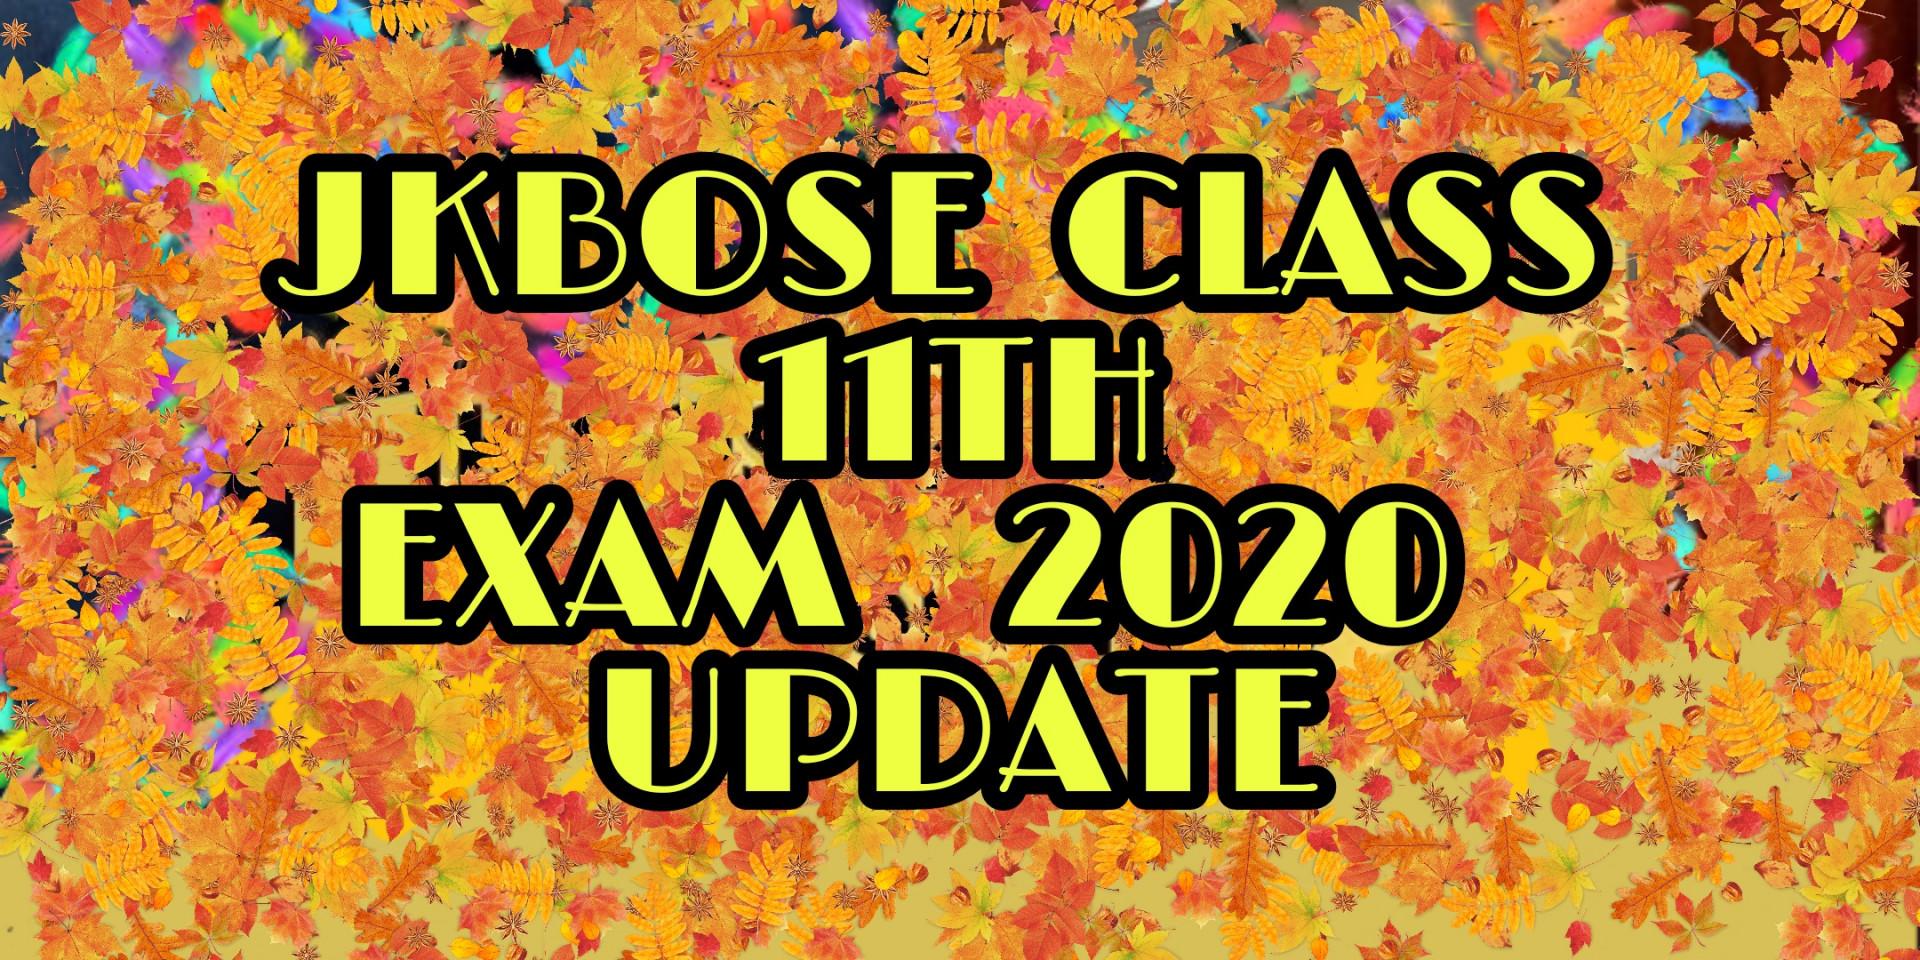 JKBOSE Class 11th Exam Update 2020 Annual Regular Kashmir Division News Update